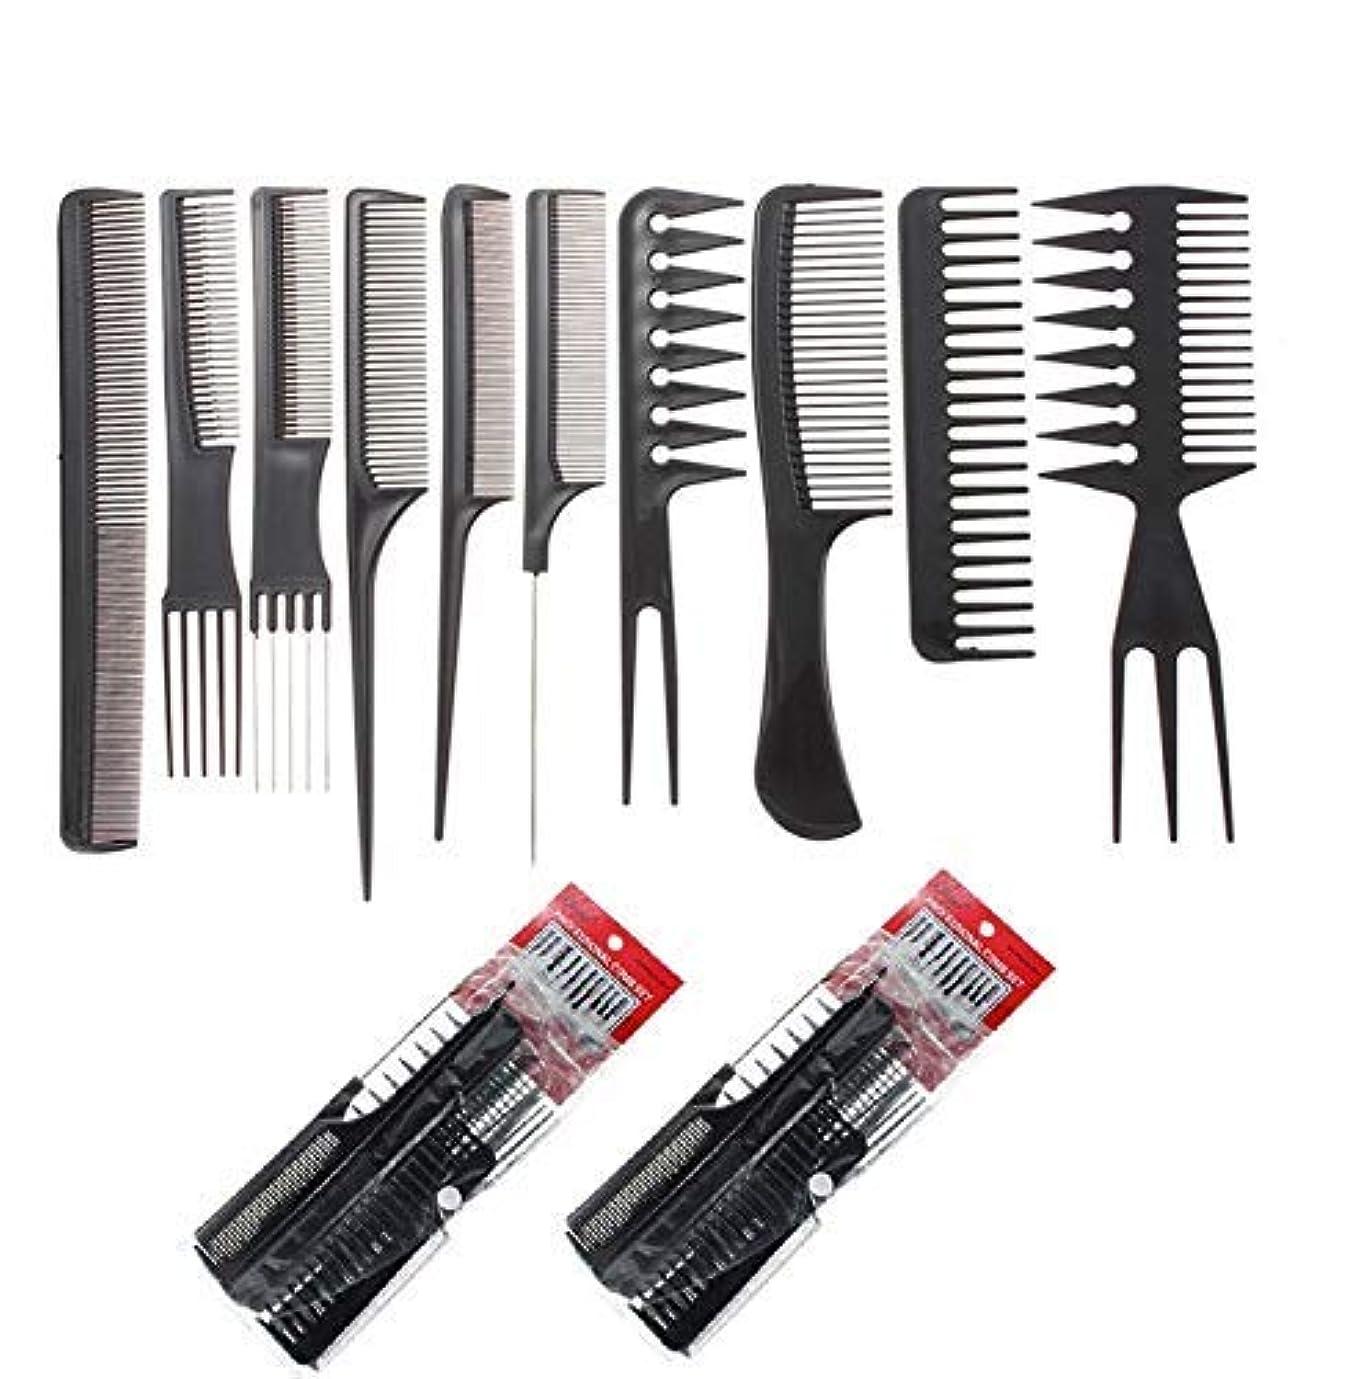 ナチュラ終わらせる取るSBYURE 20pcs Professional Styling Comb Set,10pcs/Set,2 Set Salon Hairdressing Combs Hair Care Styling Tools Hair...